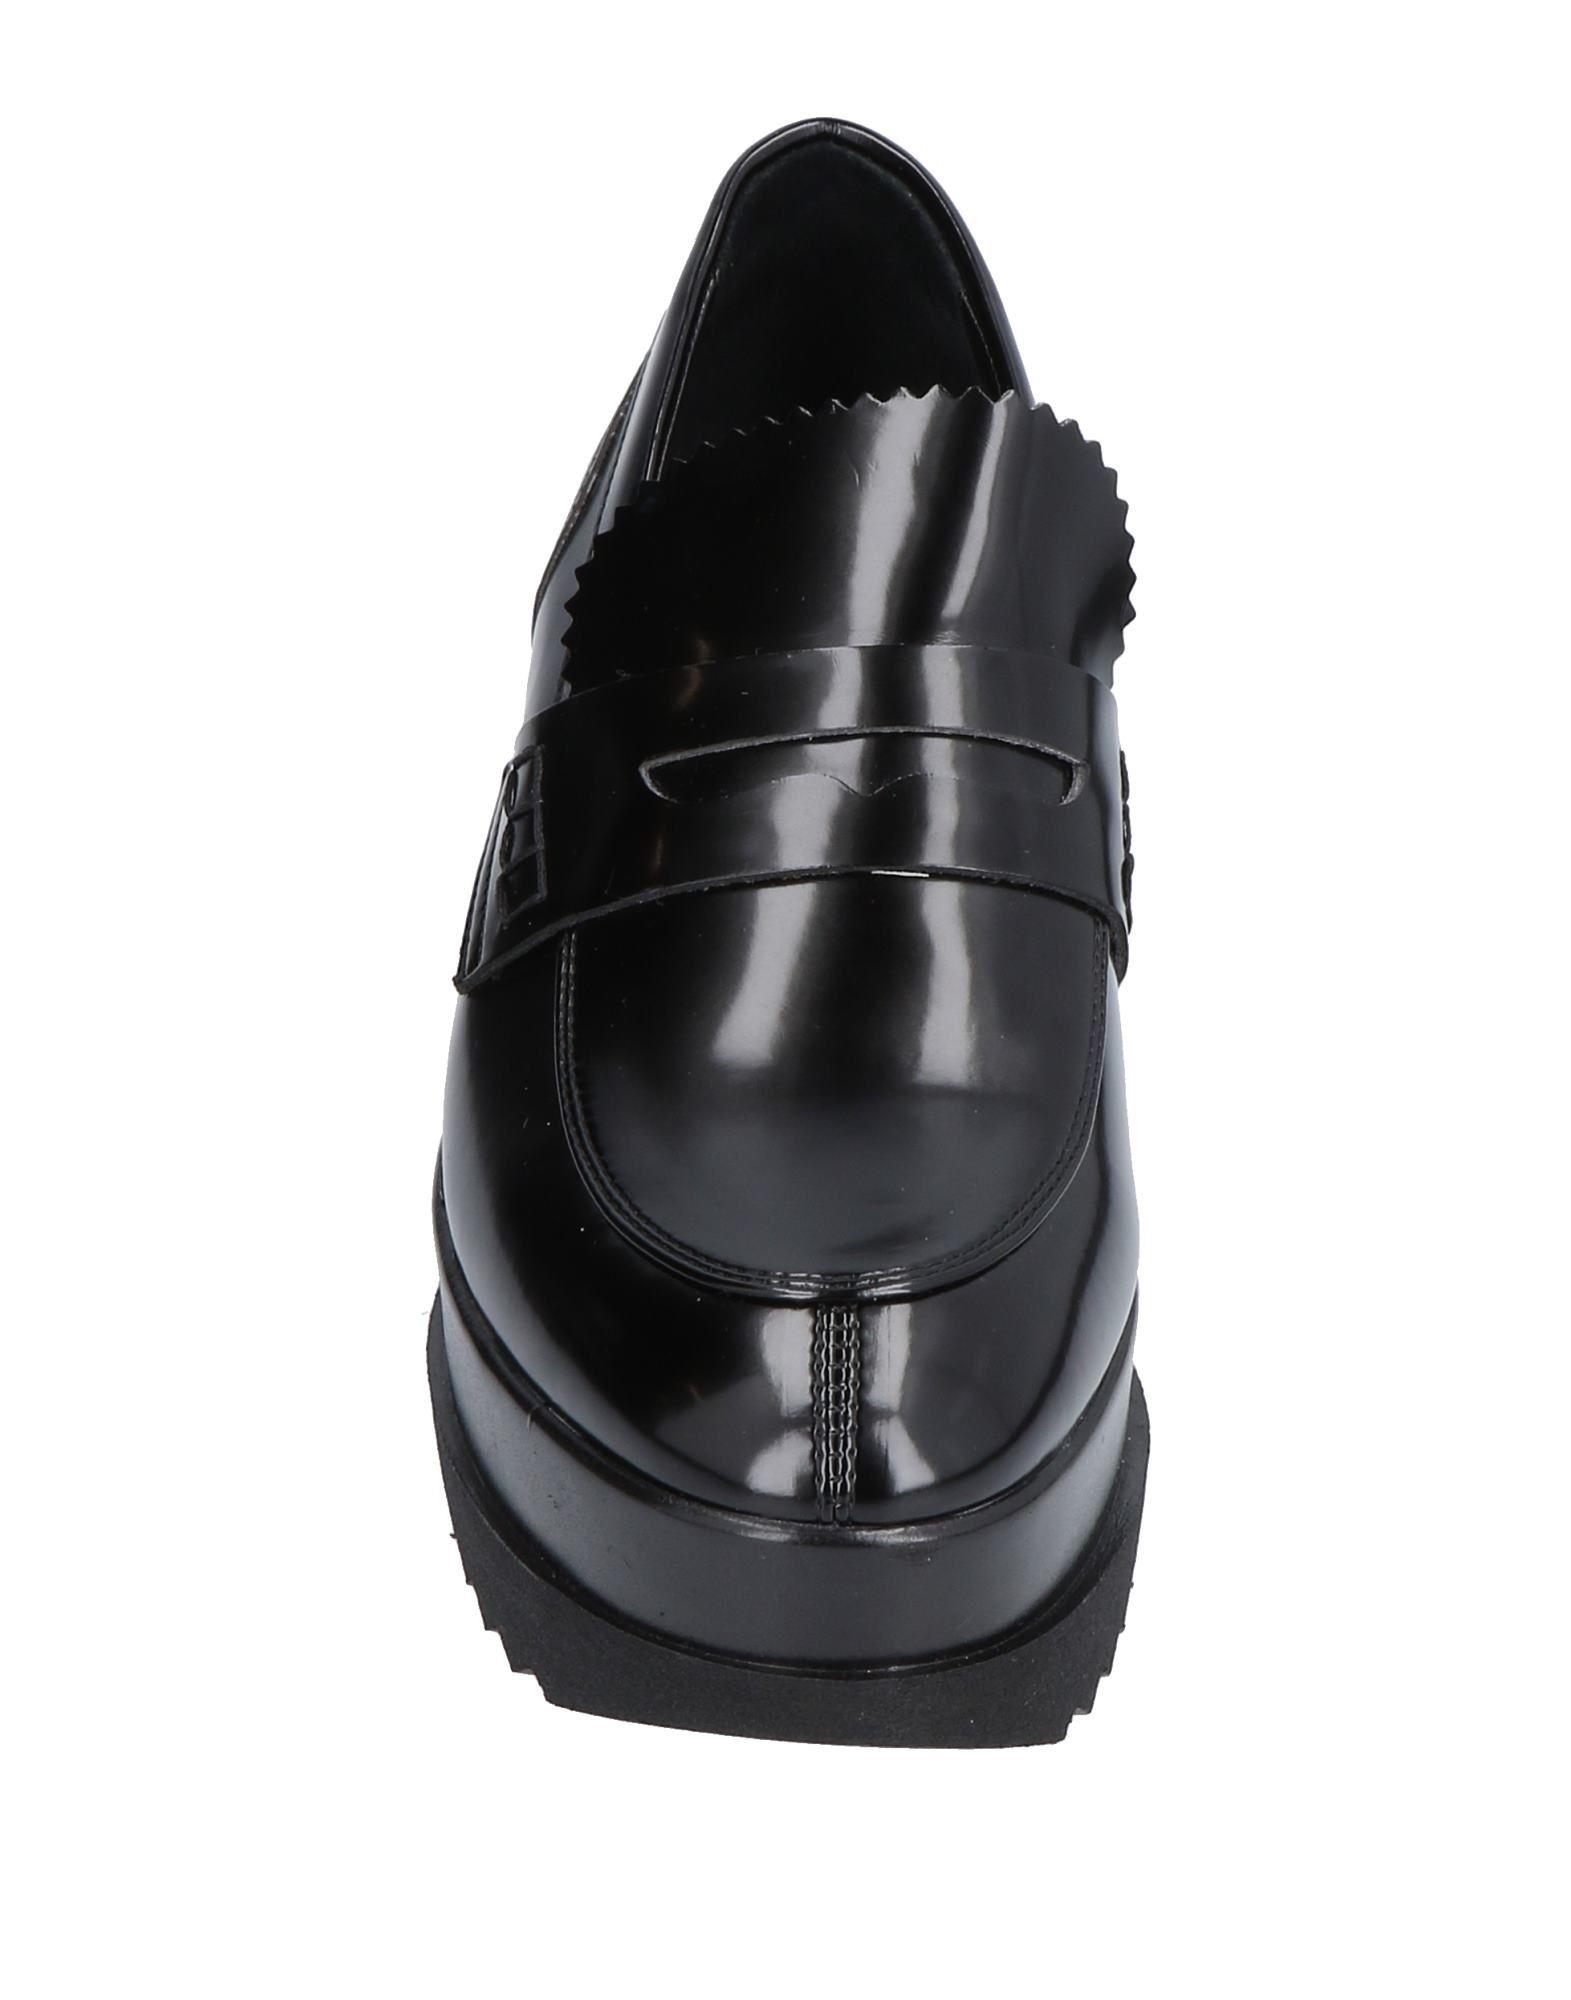 Todai Mokassins Damen  11496036HK Gute Qualität beliebte Schuhe